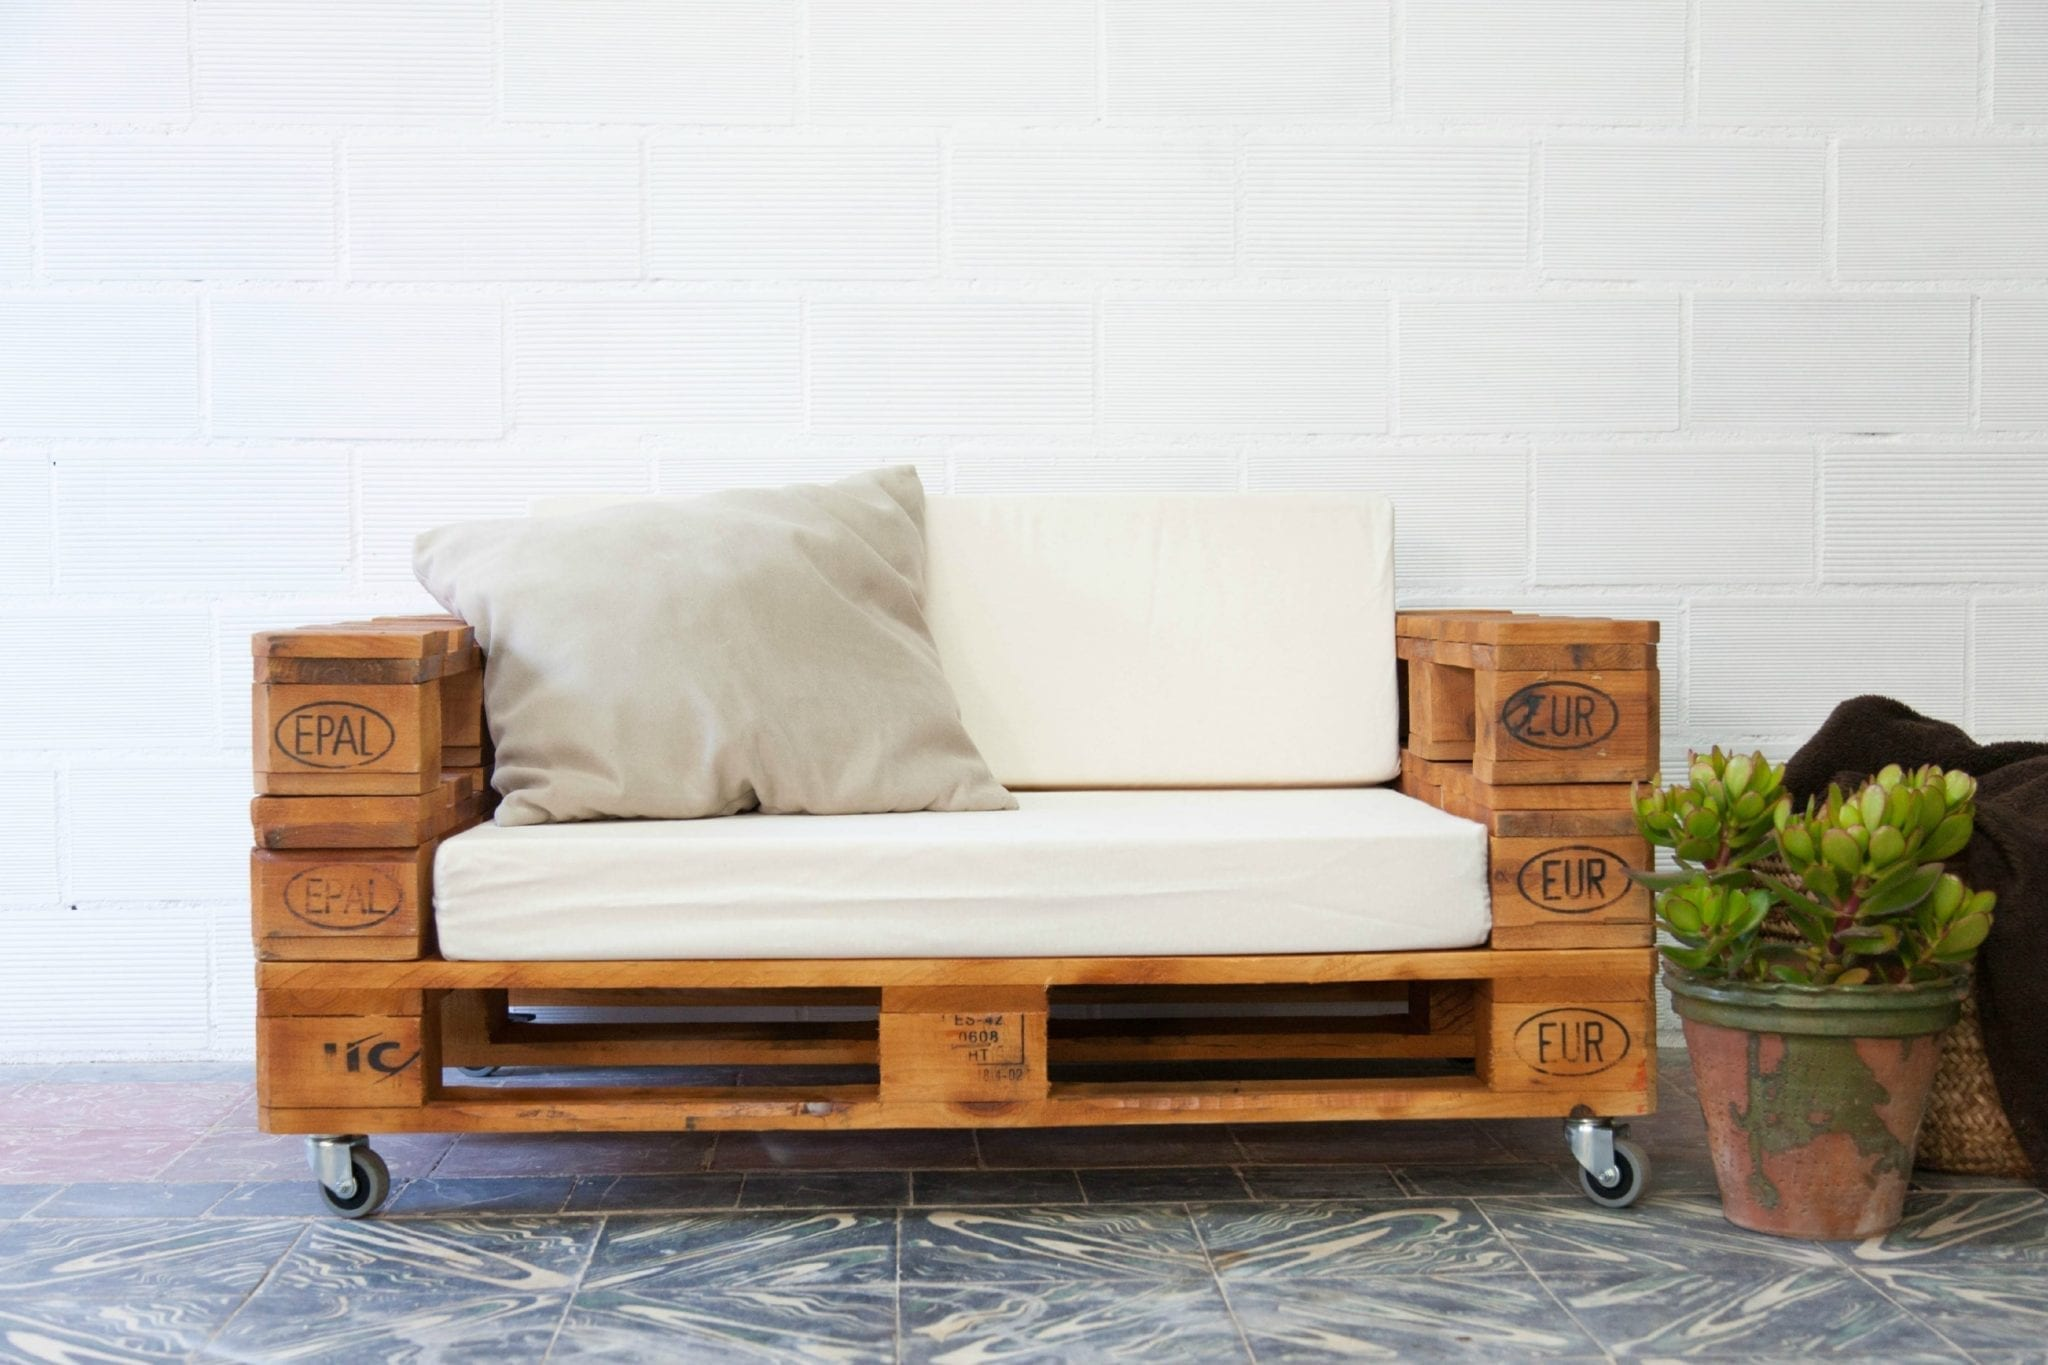 Como Hacer Muebles Con Palets Diy Muebles De Palets - Como-hacer-muebles-de-palets-paso-a-paso